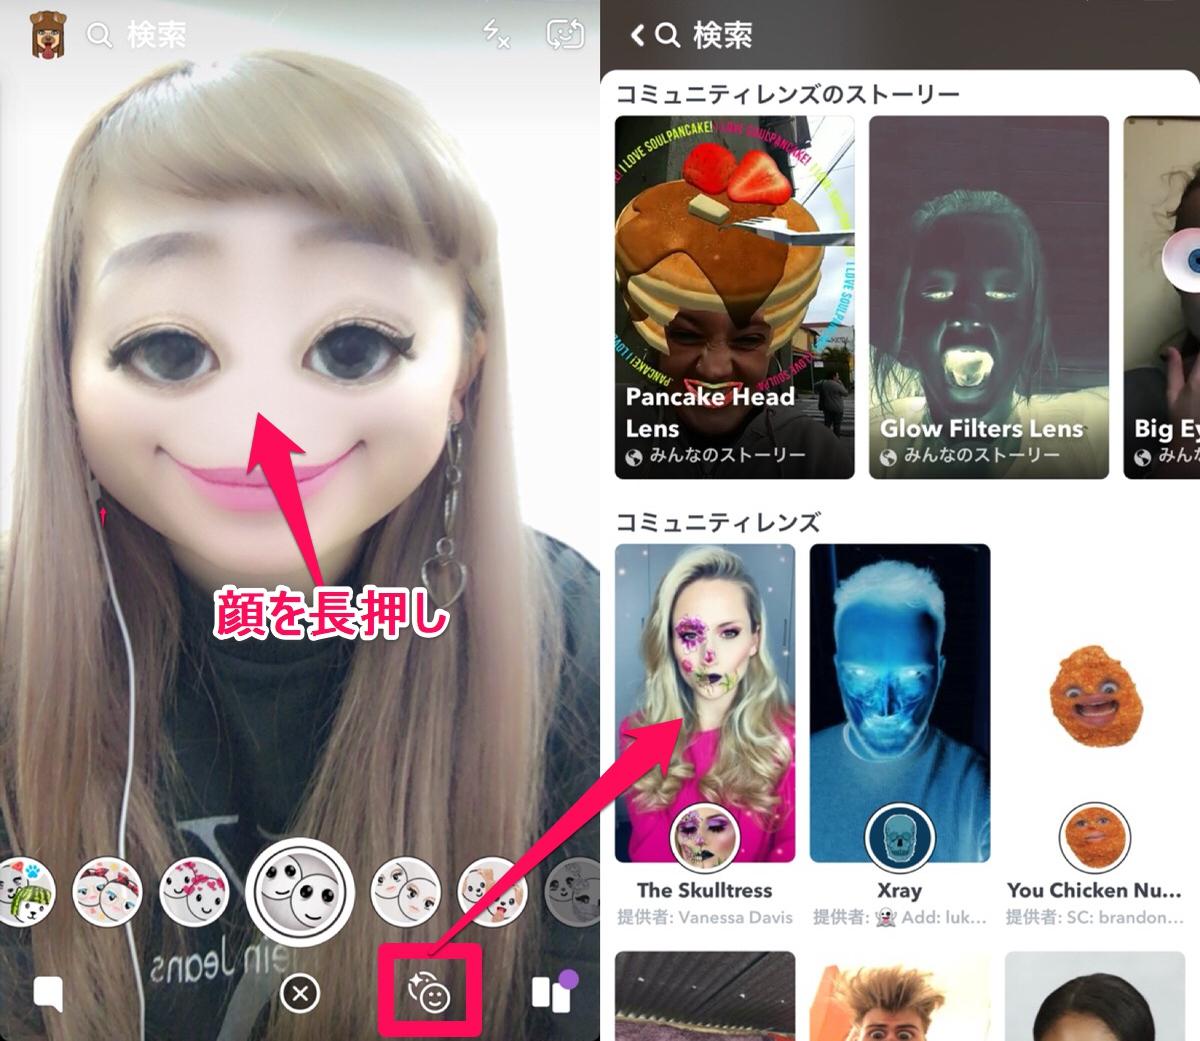 snapchat-community-lens